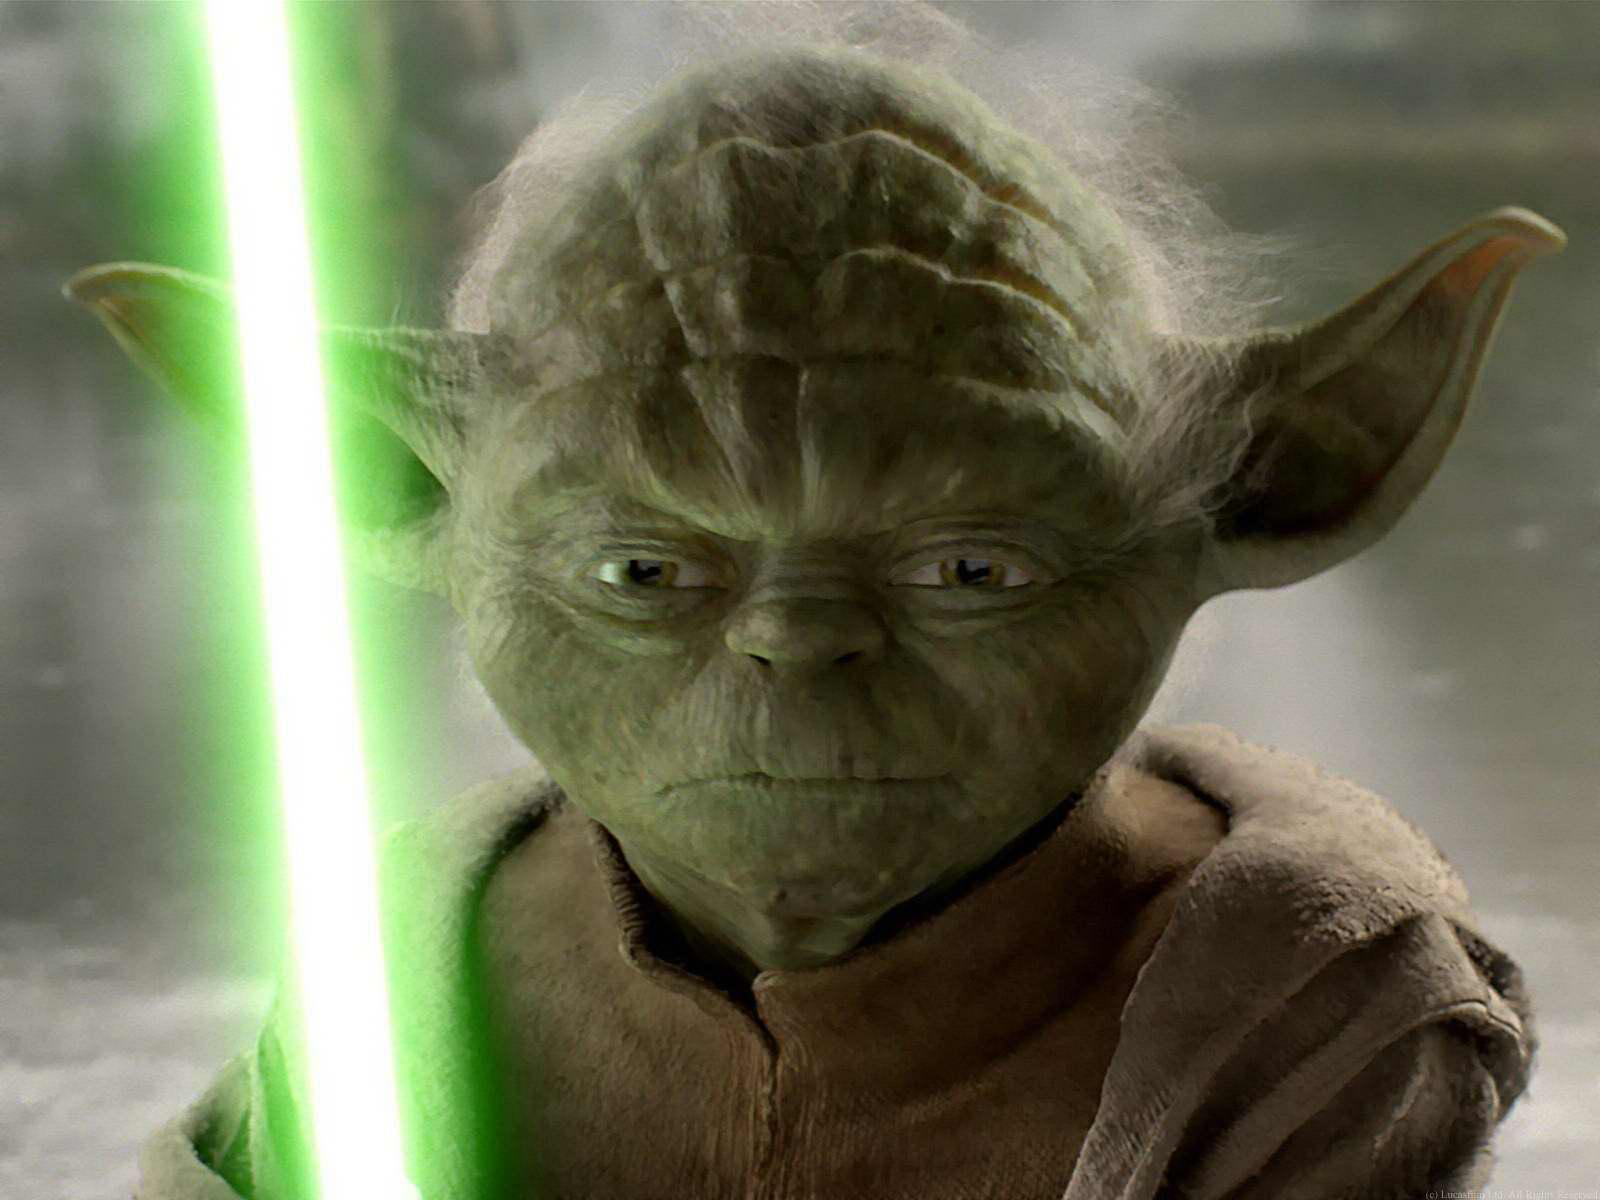 Kano S Lay Z Boy Theater 1 Darth Vader Vs 2 Yoda